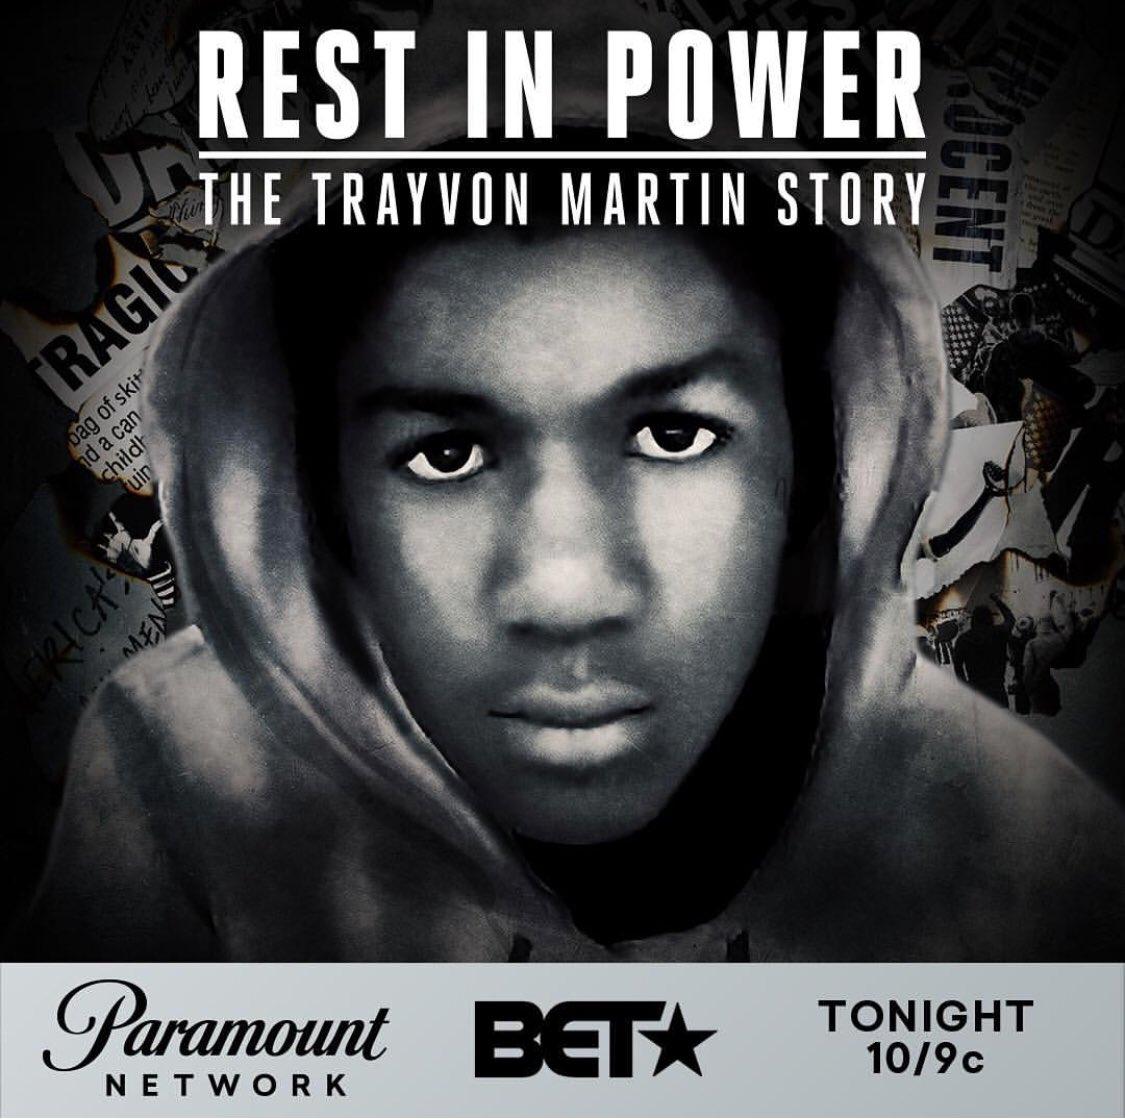 trayvon martin movie on bet tonight